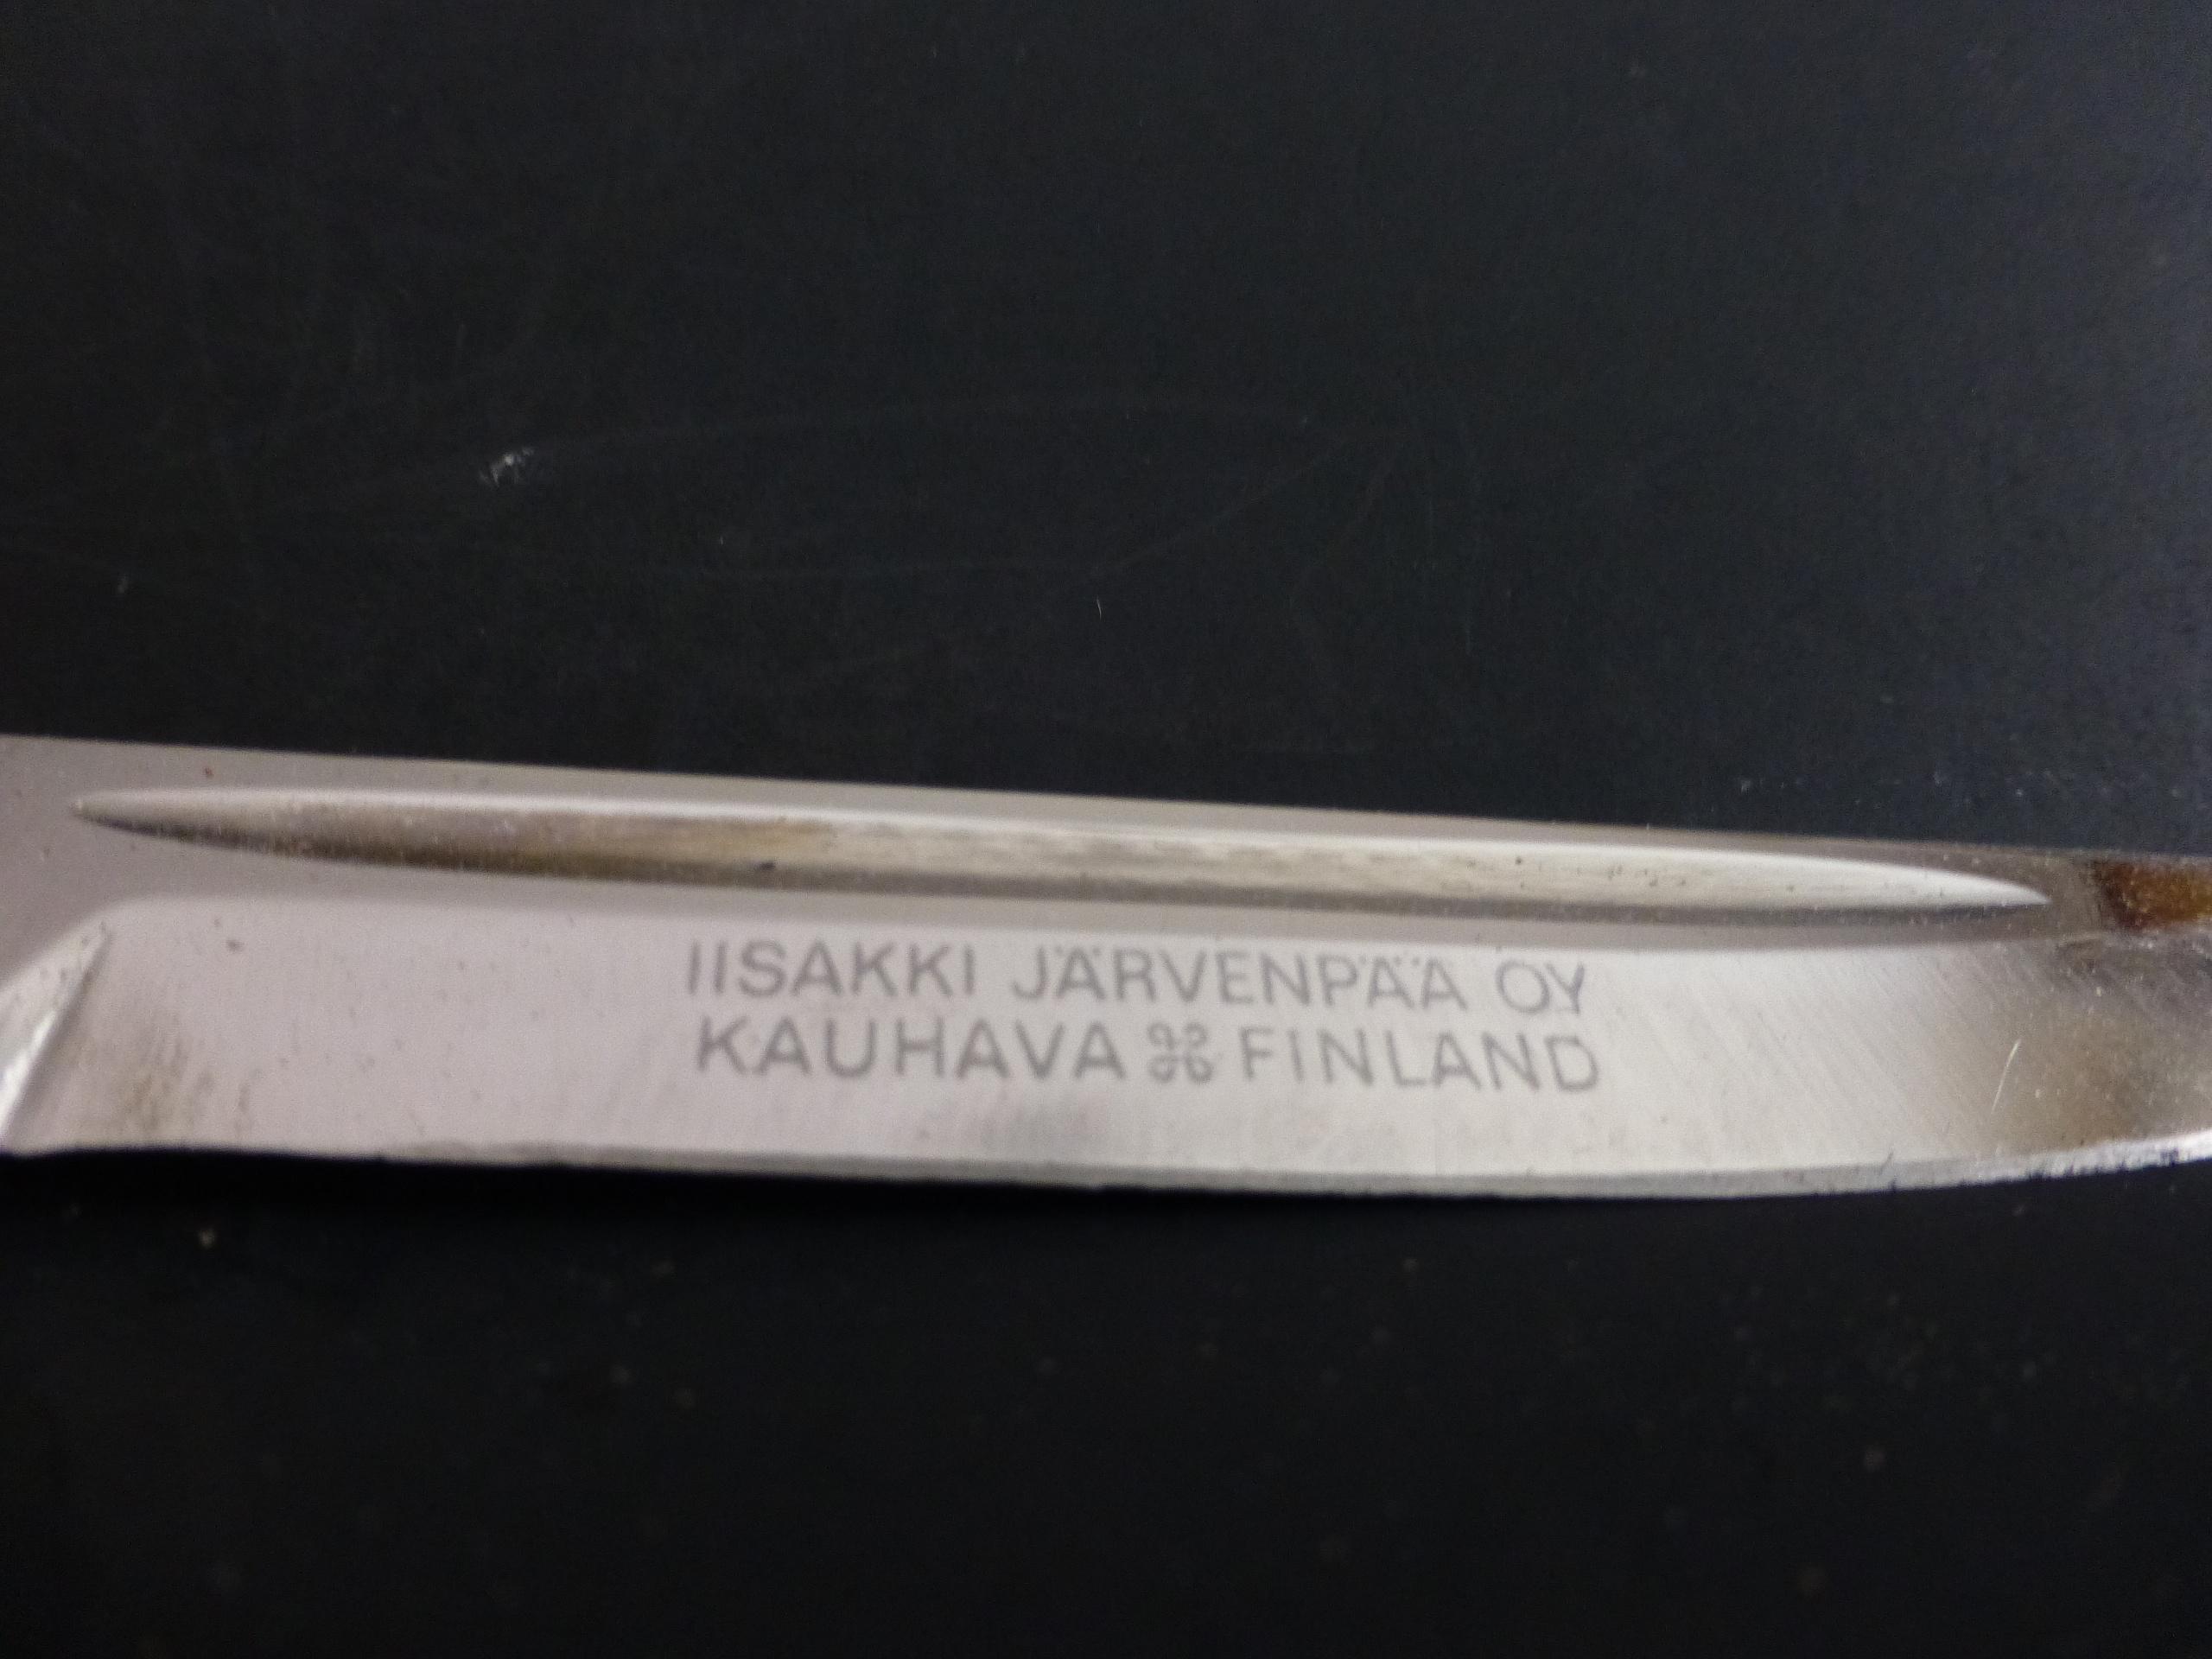 Iisakki Jarvenpaa Oy Kauhava Vallesmanni Finnish decorative